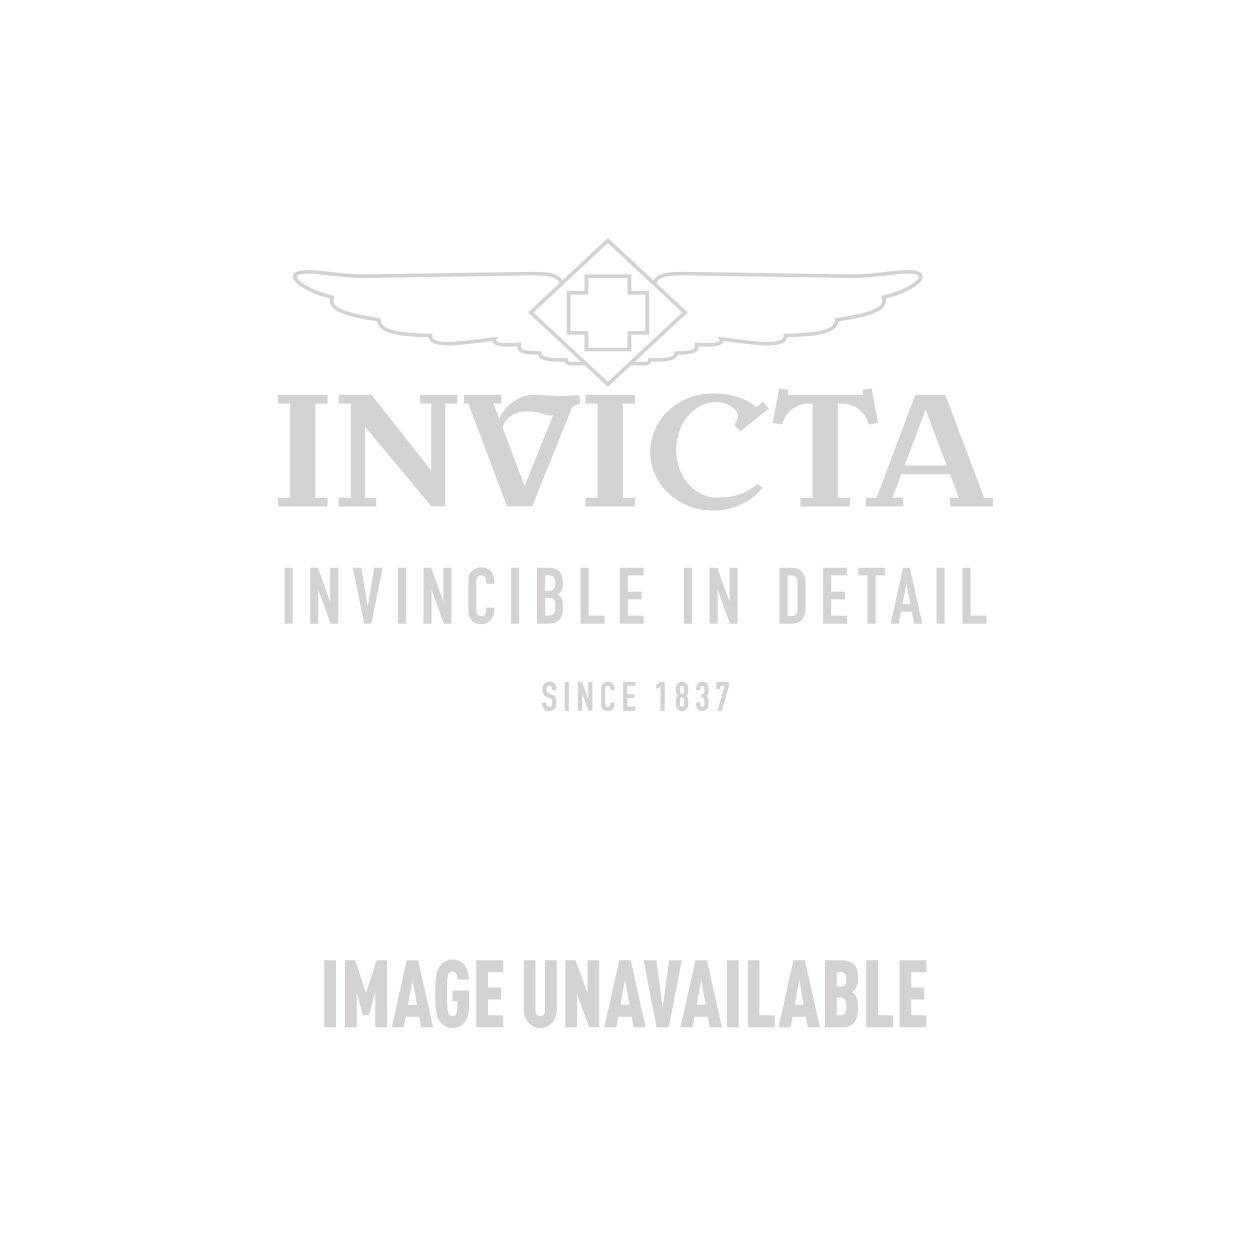 Invicta Model 25858